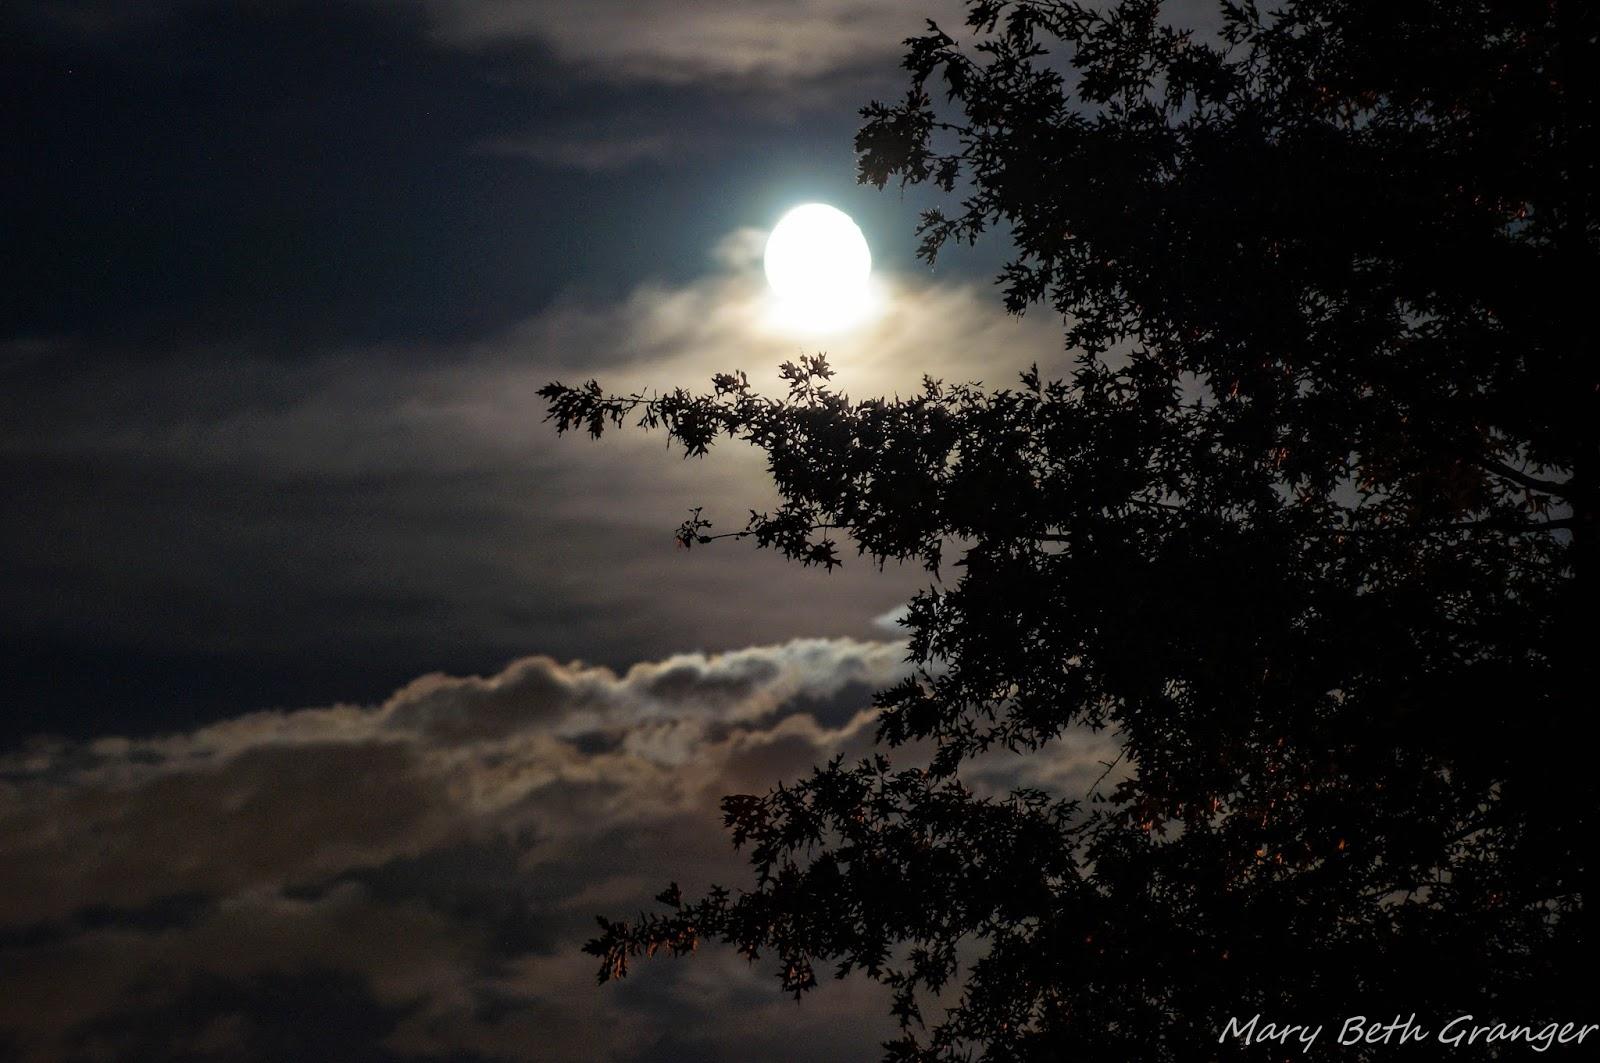 full moon photography tips - photo #38